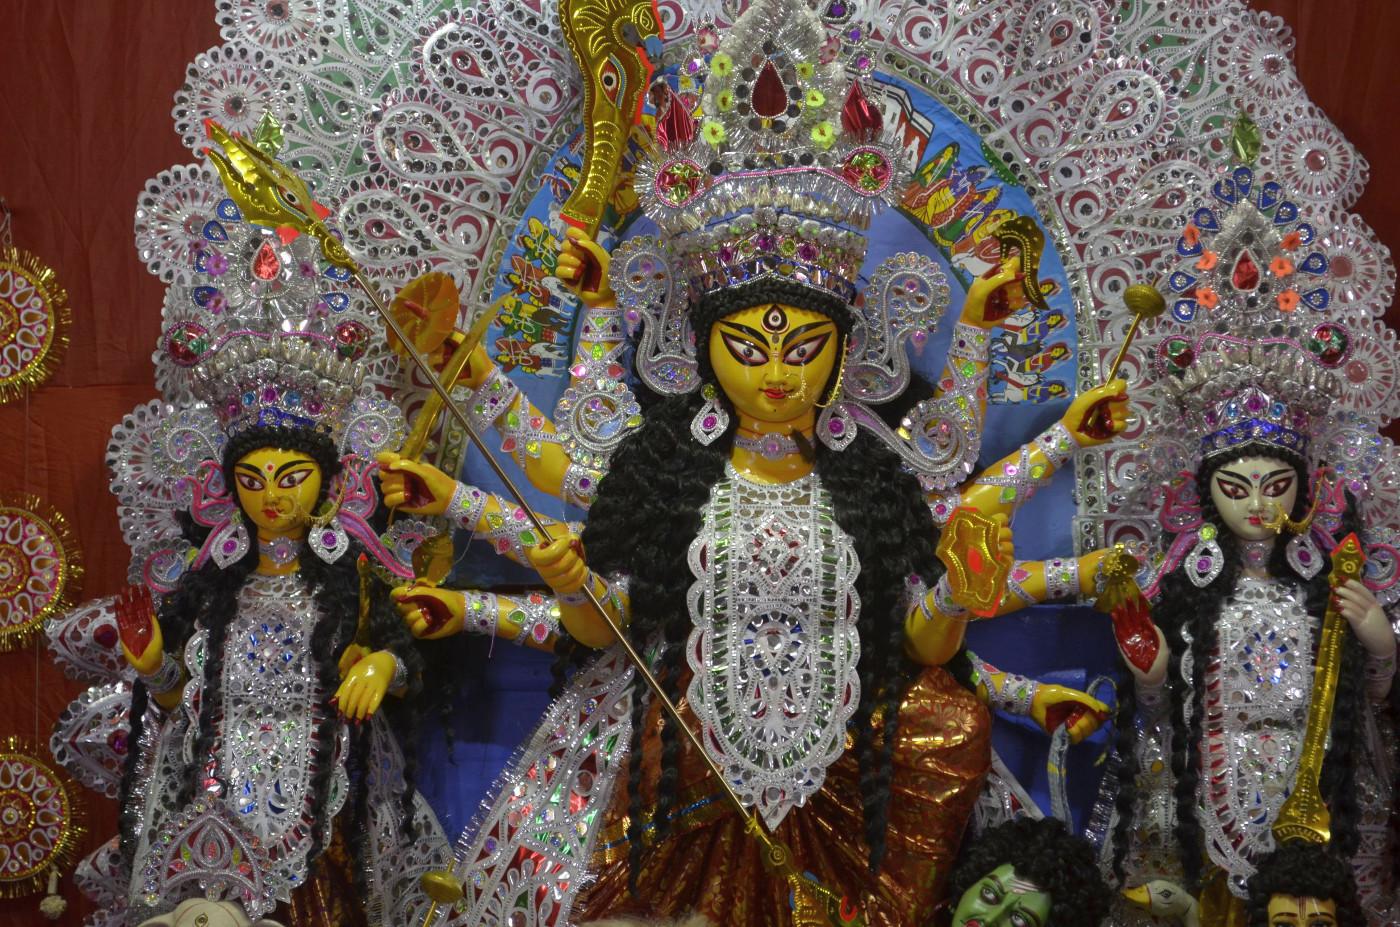 Our own Ma Durga, Kolkata Durga Puja 2015